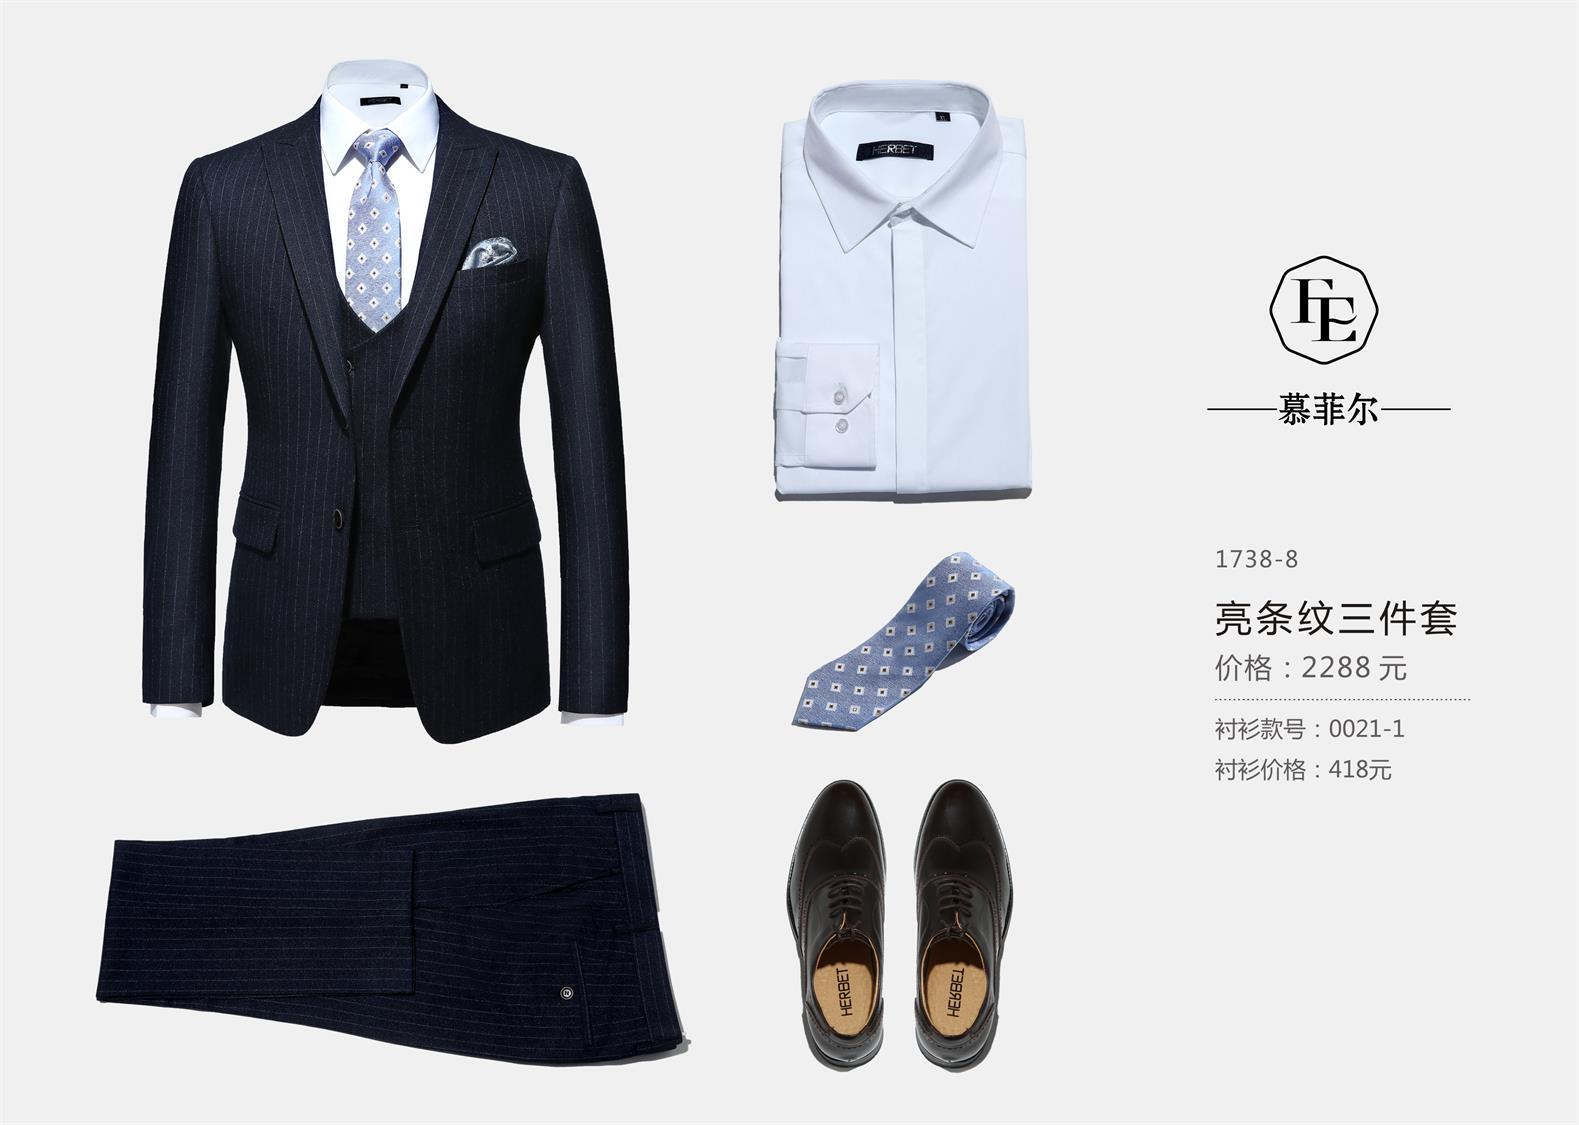 男士礼服定制渠道,哪里有放心的男士礼服定制